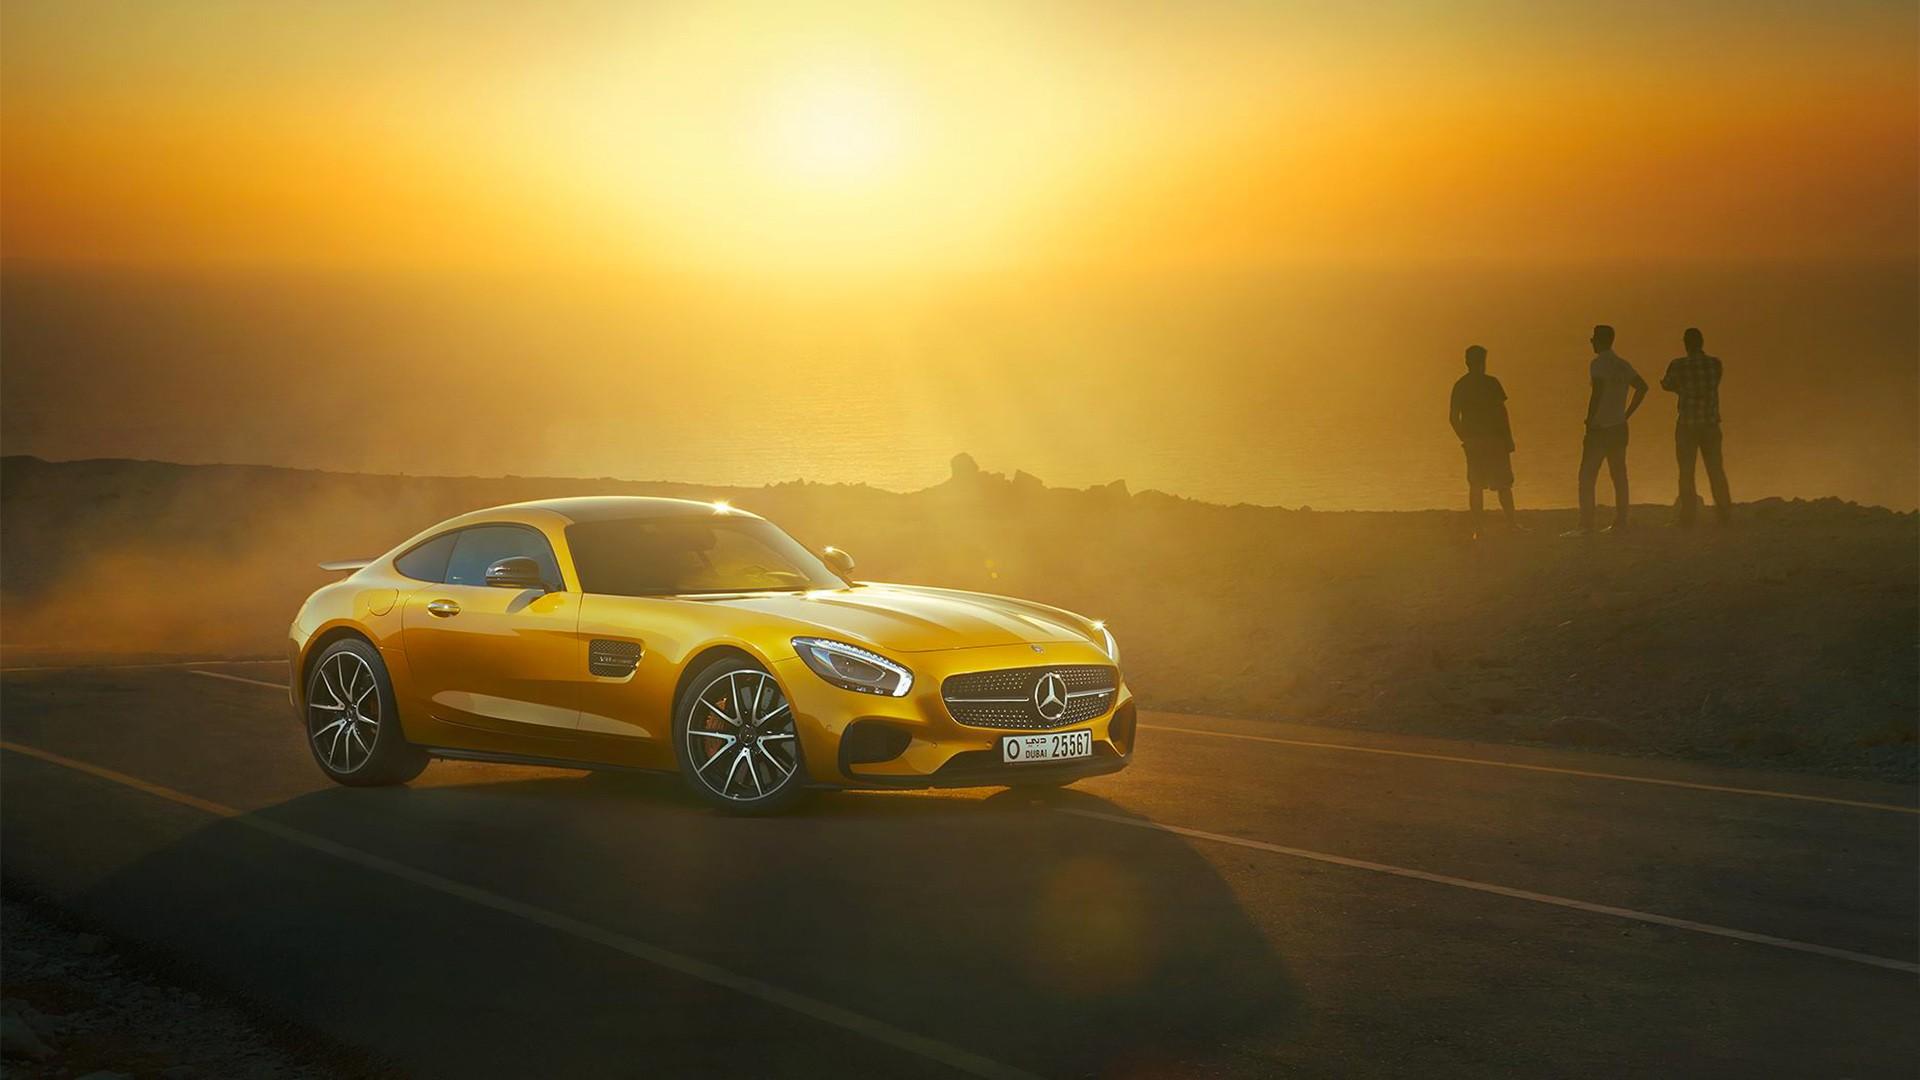 Mustang Car Wallpaper Desktop Mercedes Benz Amg Gt S 2015 Wallpaper Hd Car Wallpapers